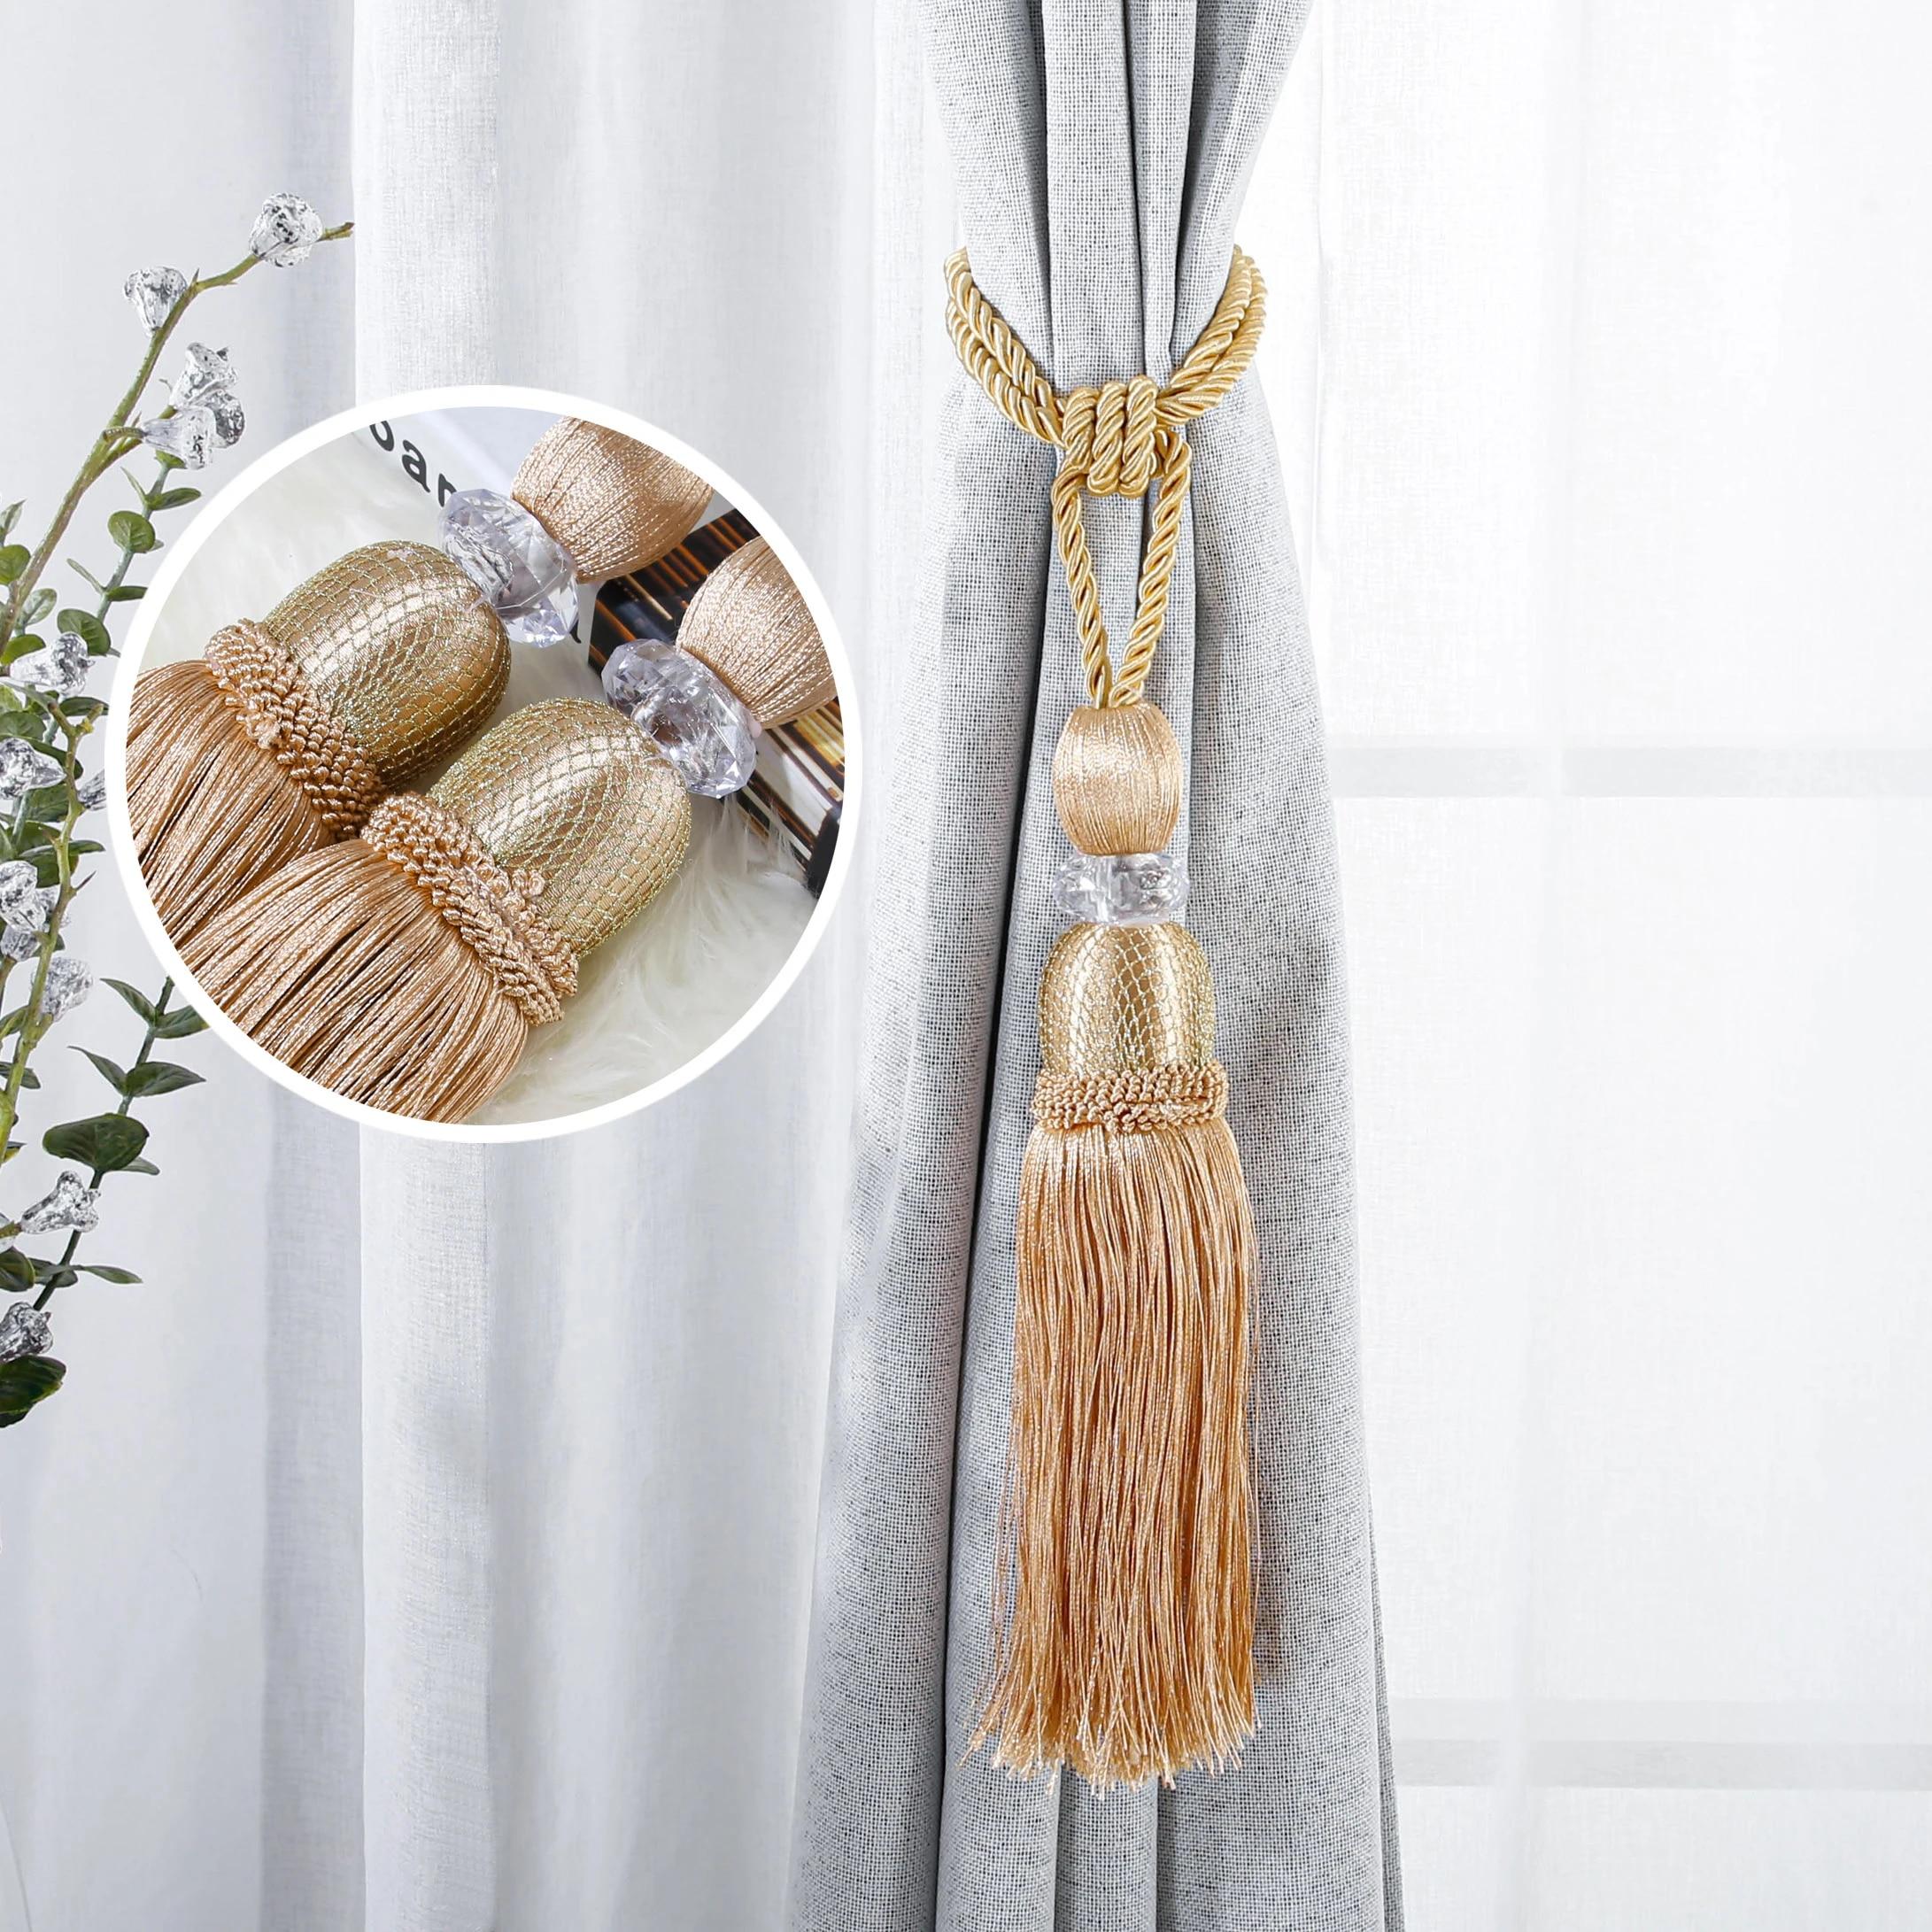 topfinel embrasses pour rideaux avec pompon accessoires de luxe decoration de la maison 2 pieces